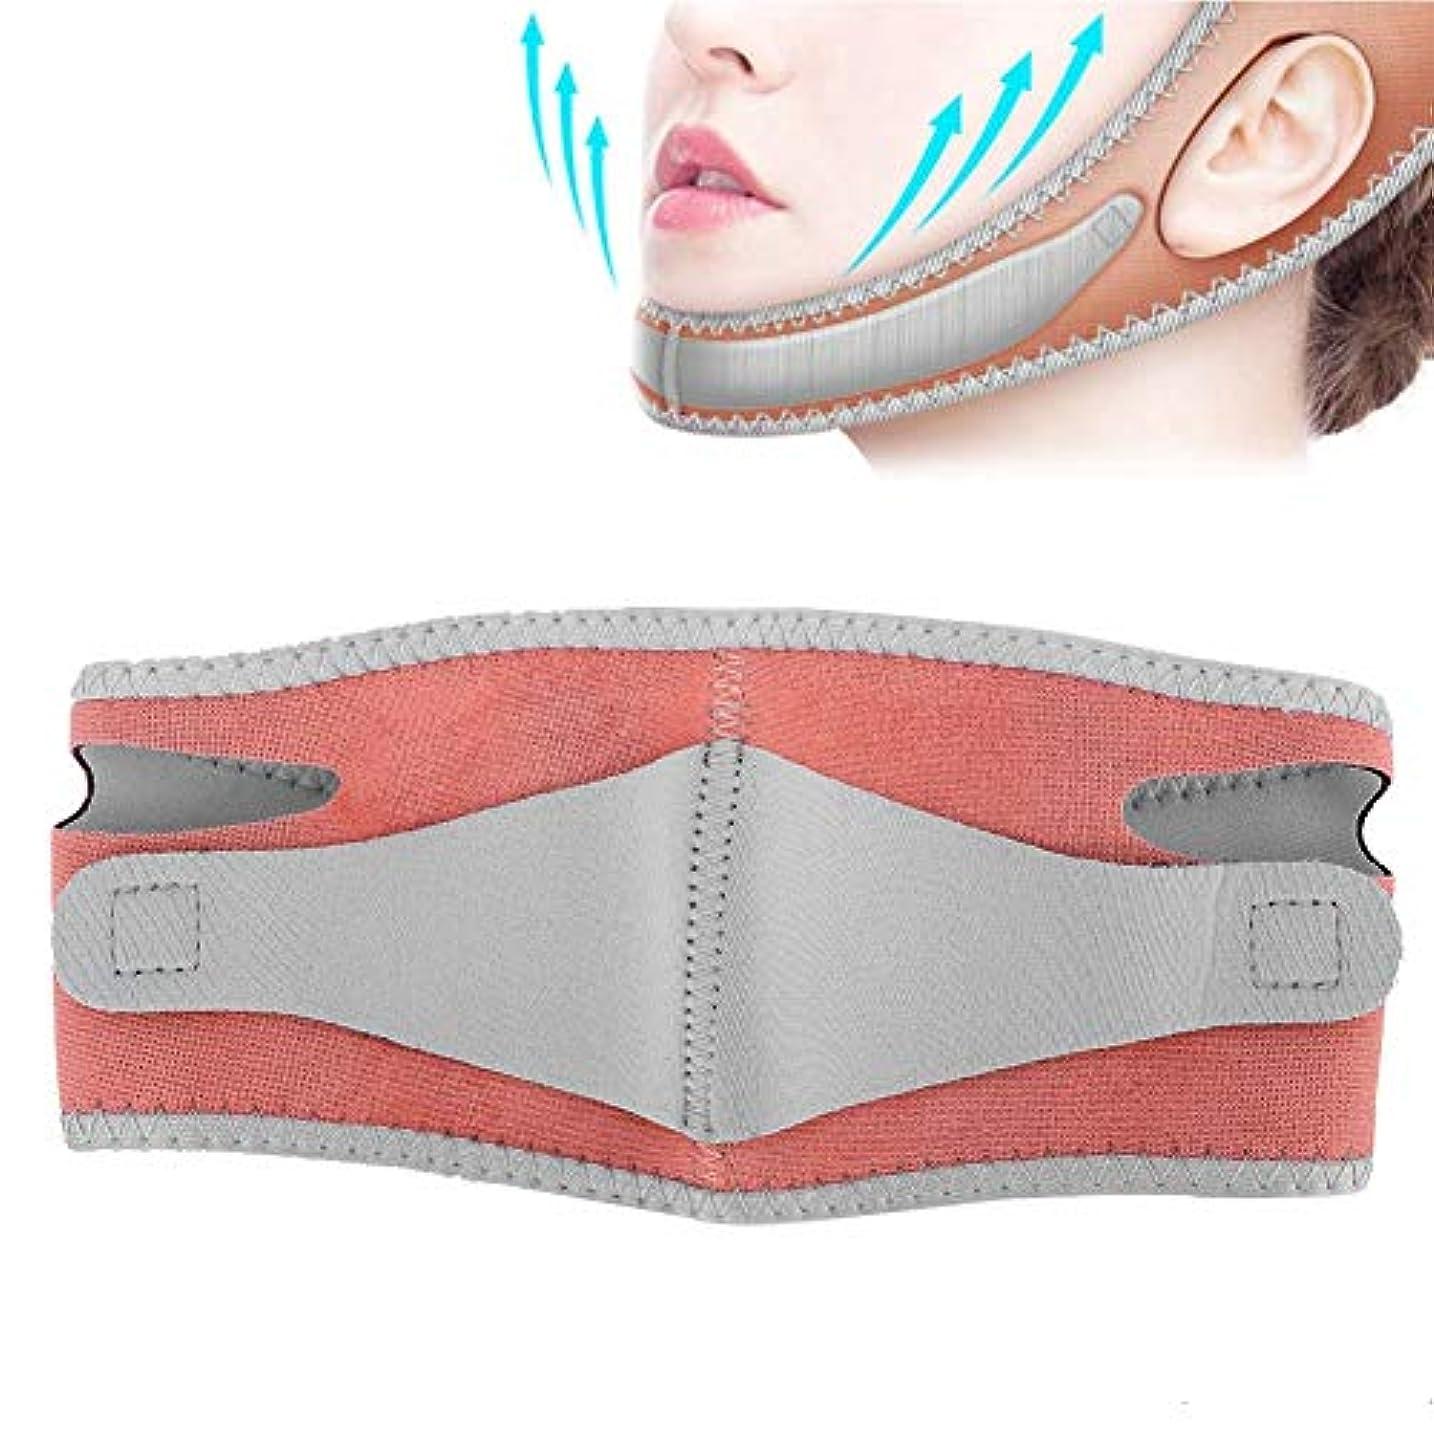 とらえどころのない出力おもちゃ薄い顔包帯顔、Vフェイスラインスリムダブルチンチークスリムリフトアップ引き締まった肌防止マスクあなたが顔の肌を引き締めるのに役立ちます